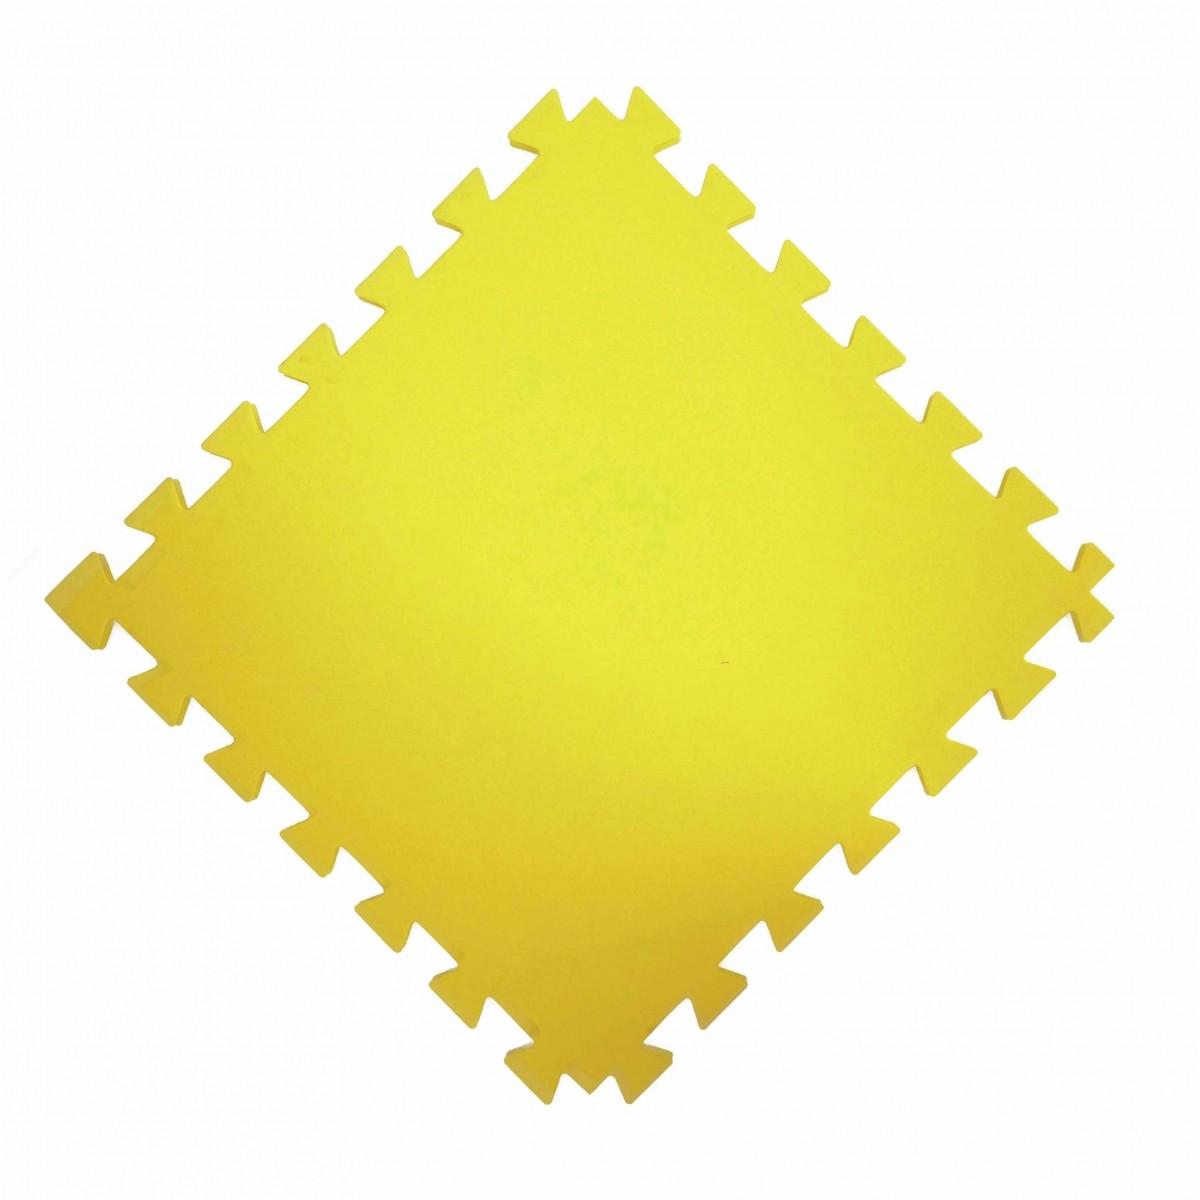 Tatame  100x100cm Com 20mm de Espessura    Amarelo  - Brindes Visão loja